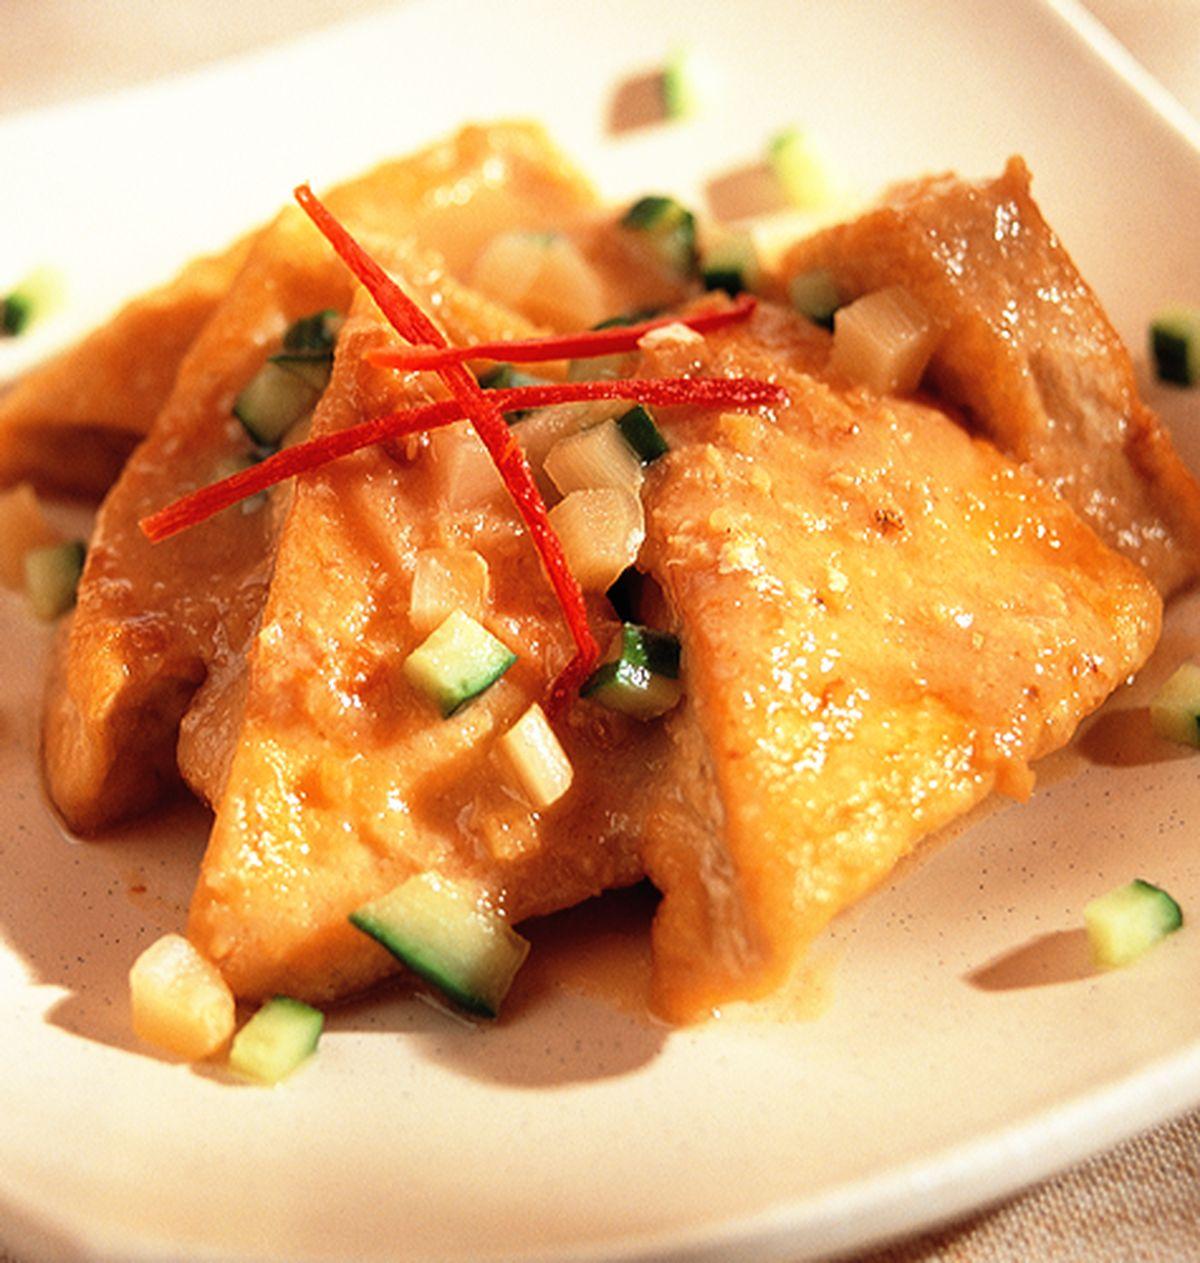 食譜:乾燒味噌豆腐